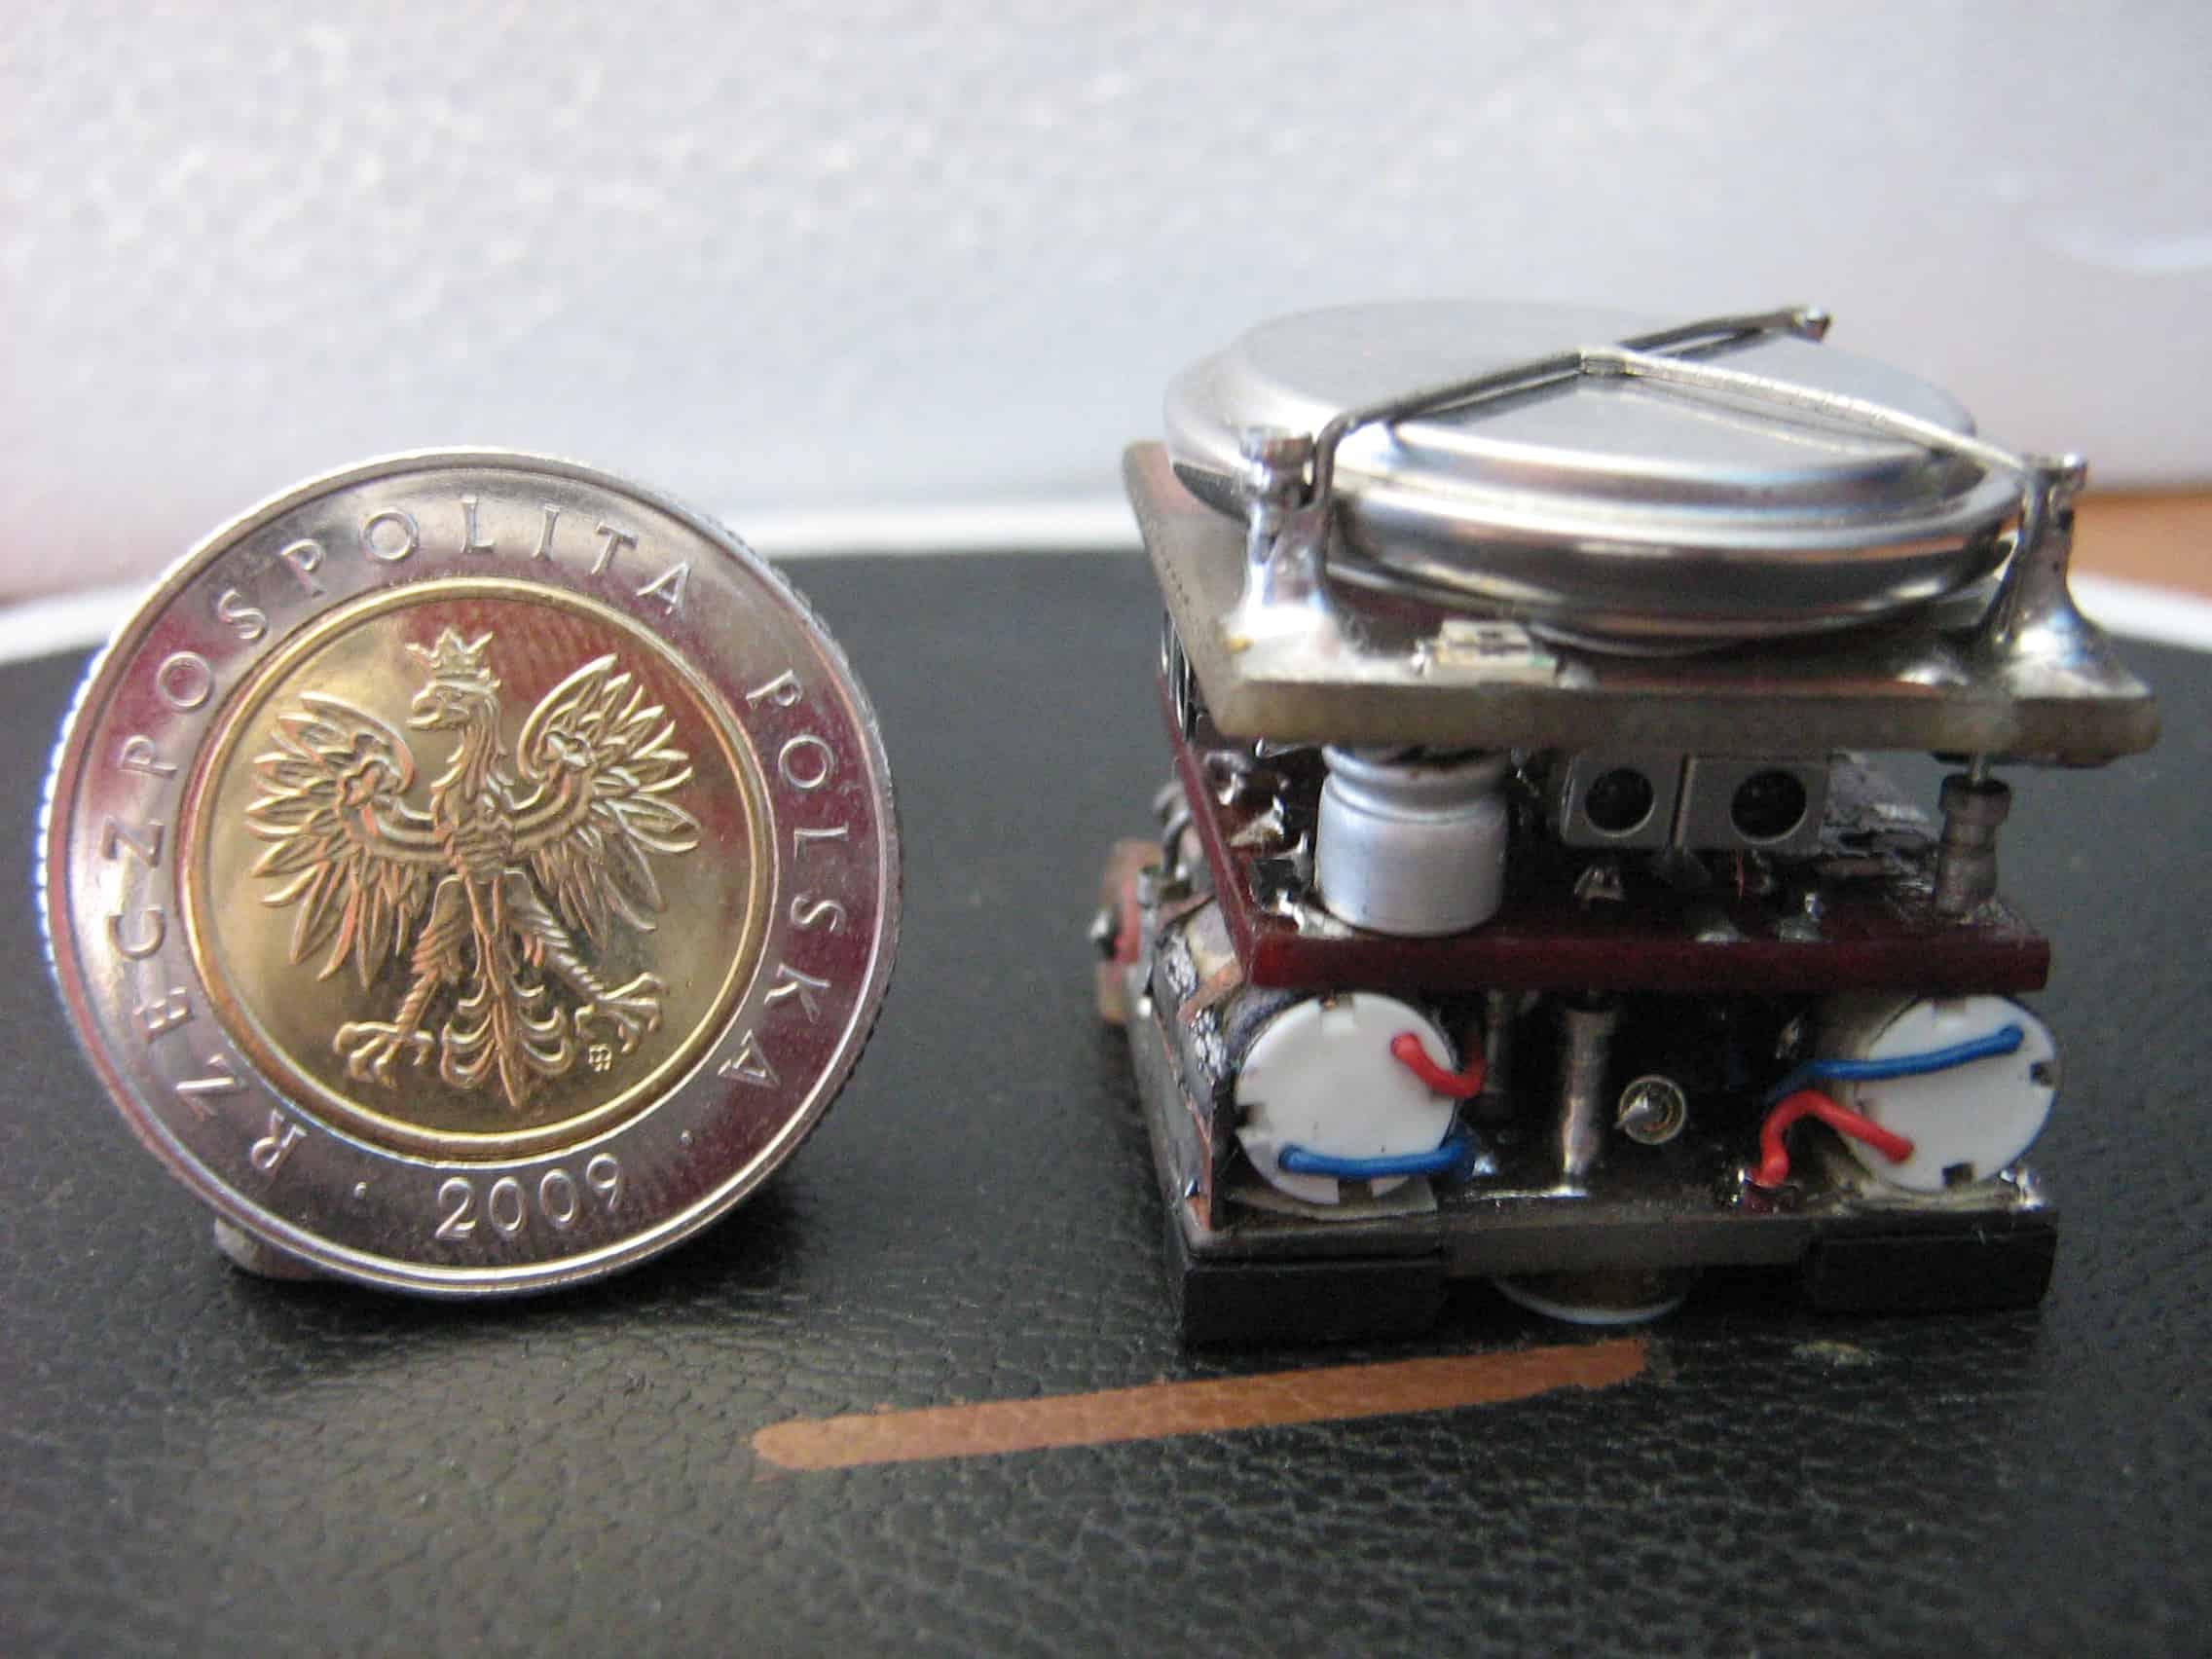 QUATRO-Robot wielozadaniowy